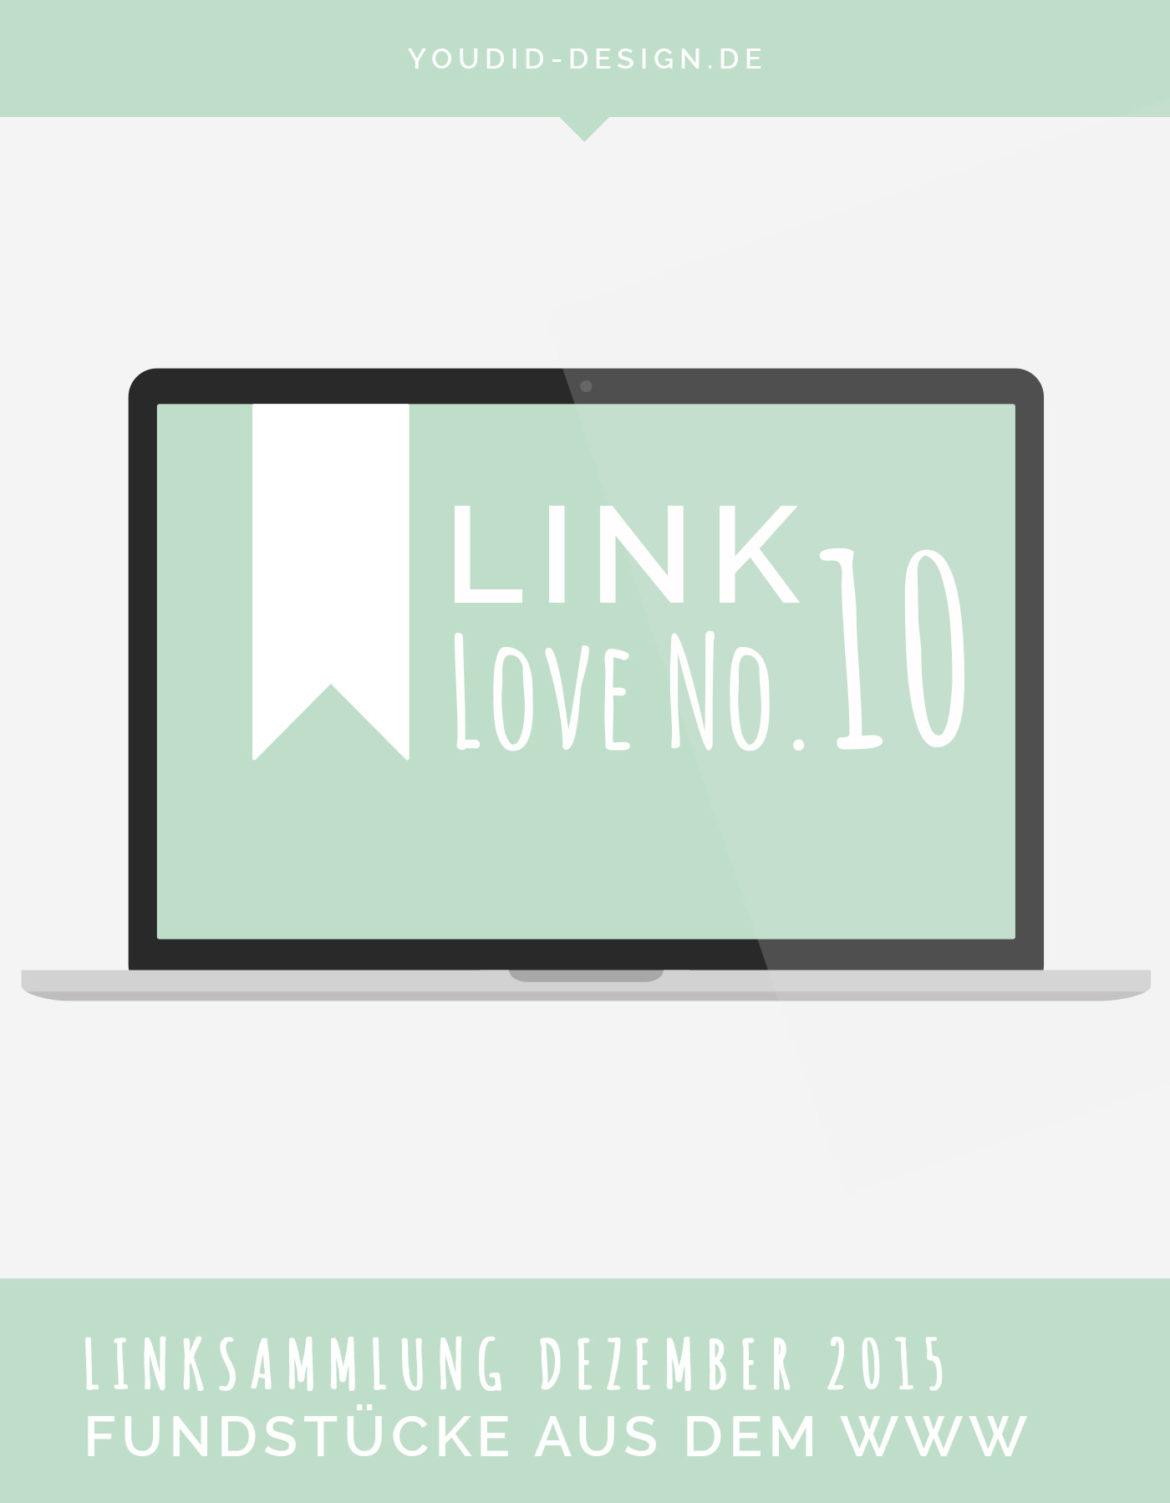 Linksammlung Linklove No 10 Dezember 2015 | www.youdid-design.de